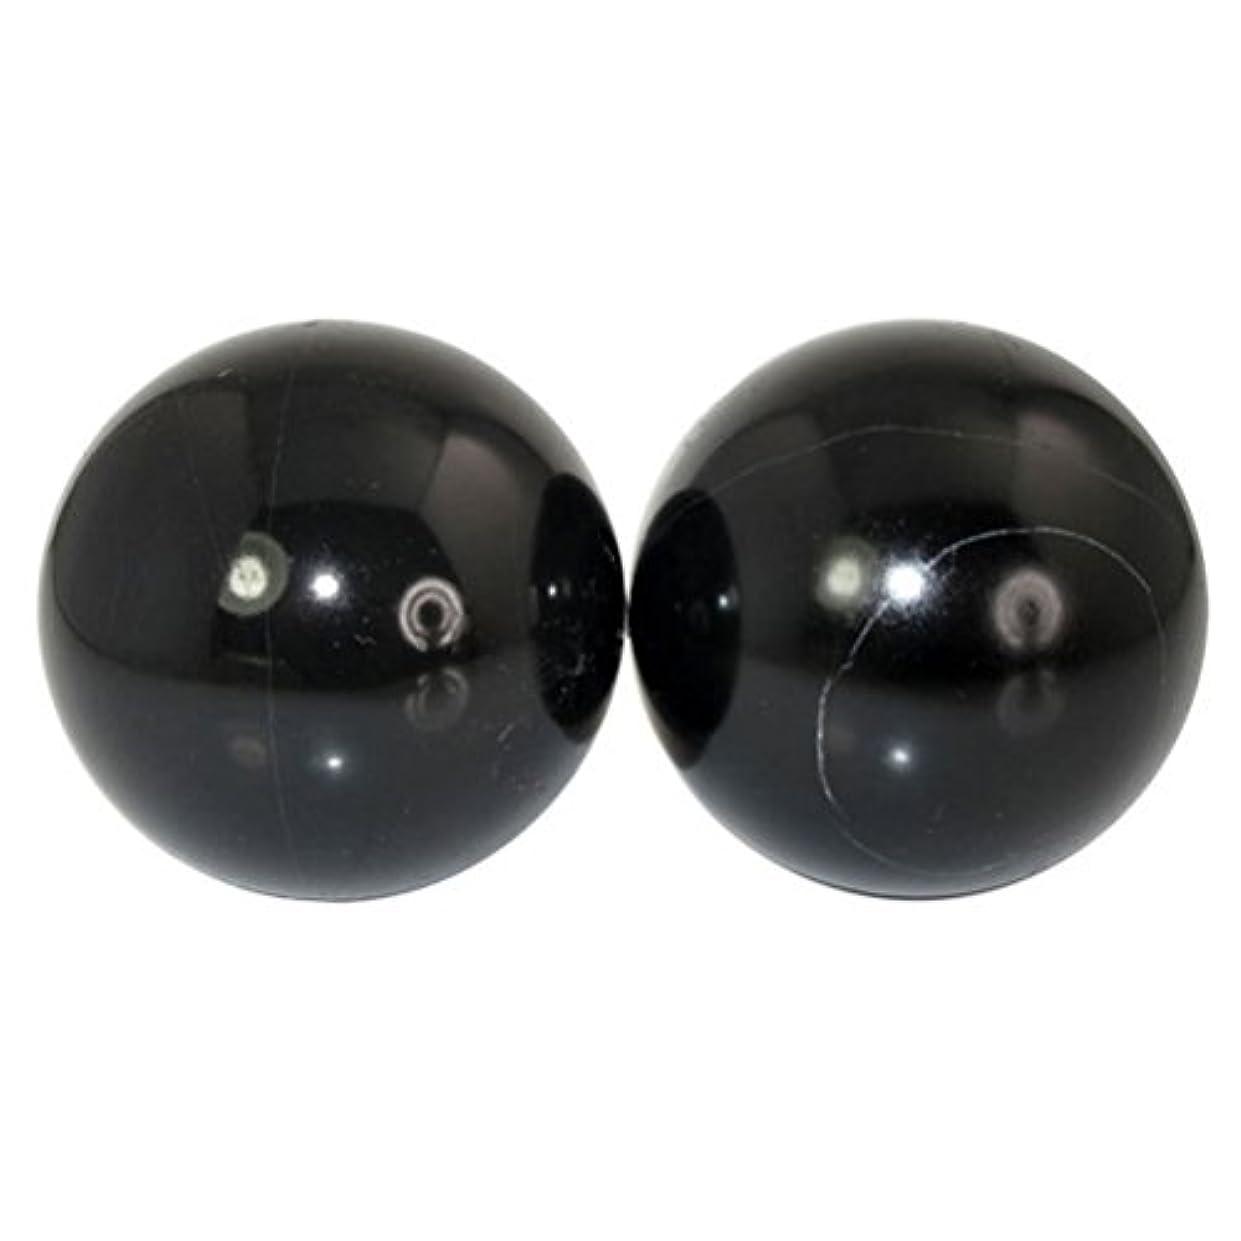 容疑者リットル変化するROSENICE 2本の天然石マッサージボール瞑想フィットネスハンドエクササイズヒーリングボール(手治療用)ストレスレリーフ(黒)